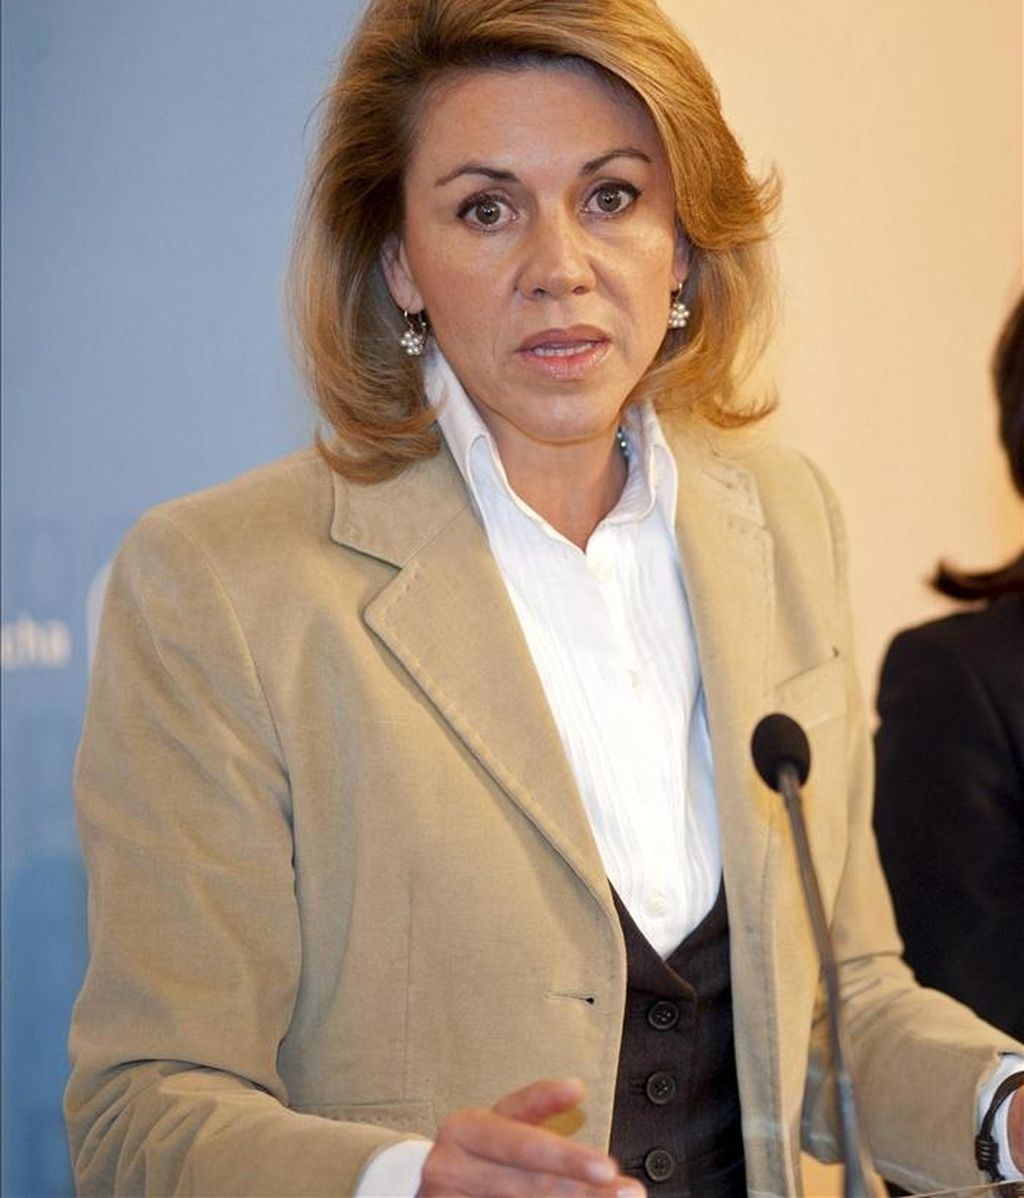 En la iamgen, la secretaria general del PP y candidata de los populares a la presidencia de Castilla-La Mancha, María Dolores Cospedal. EFE/Archivo